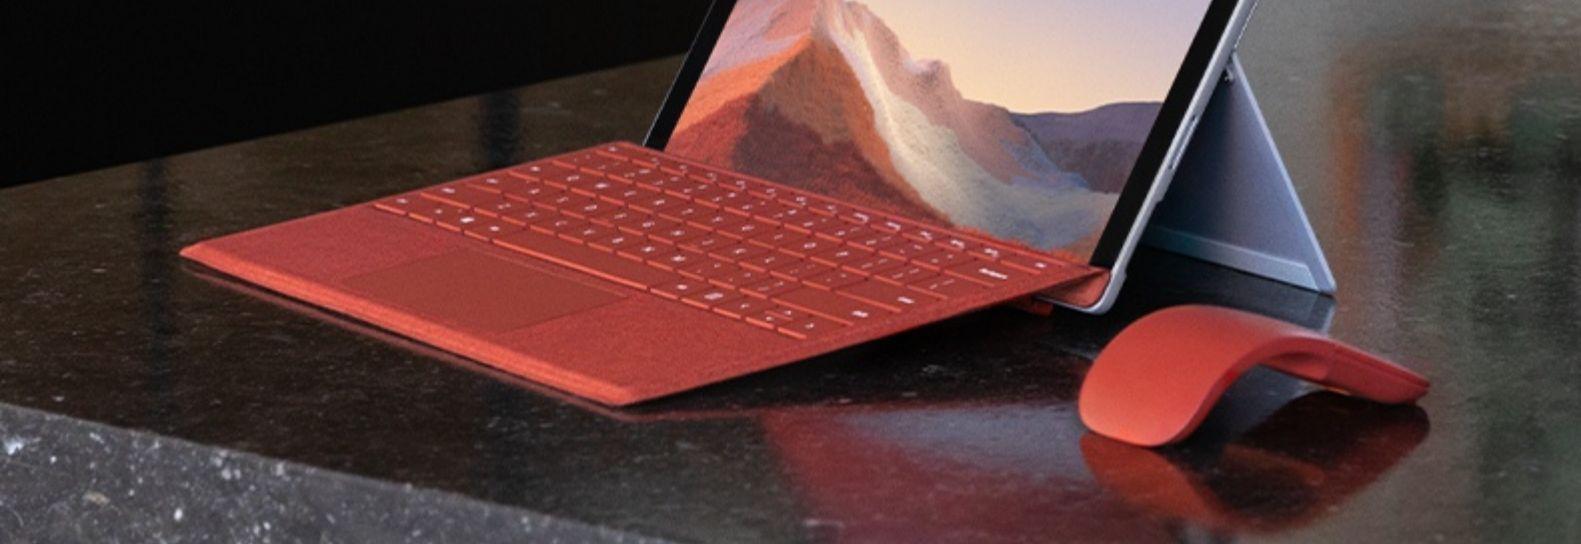 Máy tính bảng Microsoft nổi tiếng Pro 6 i5 8GB 256gb, máy tính xách tay hai trong một tời 10 pro6